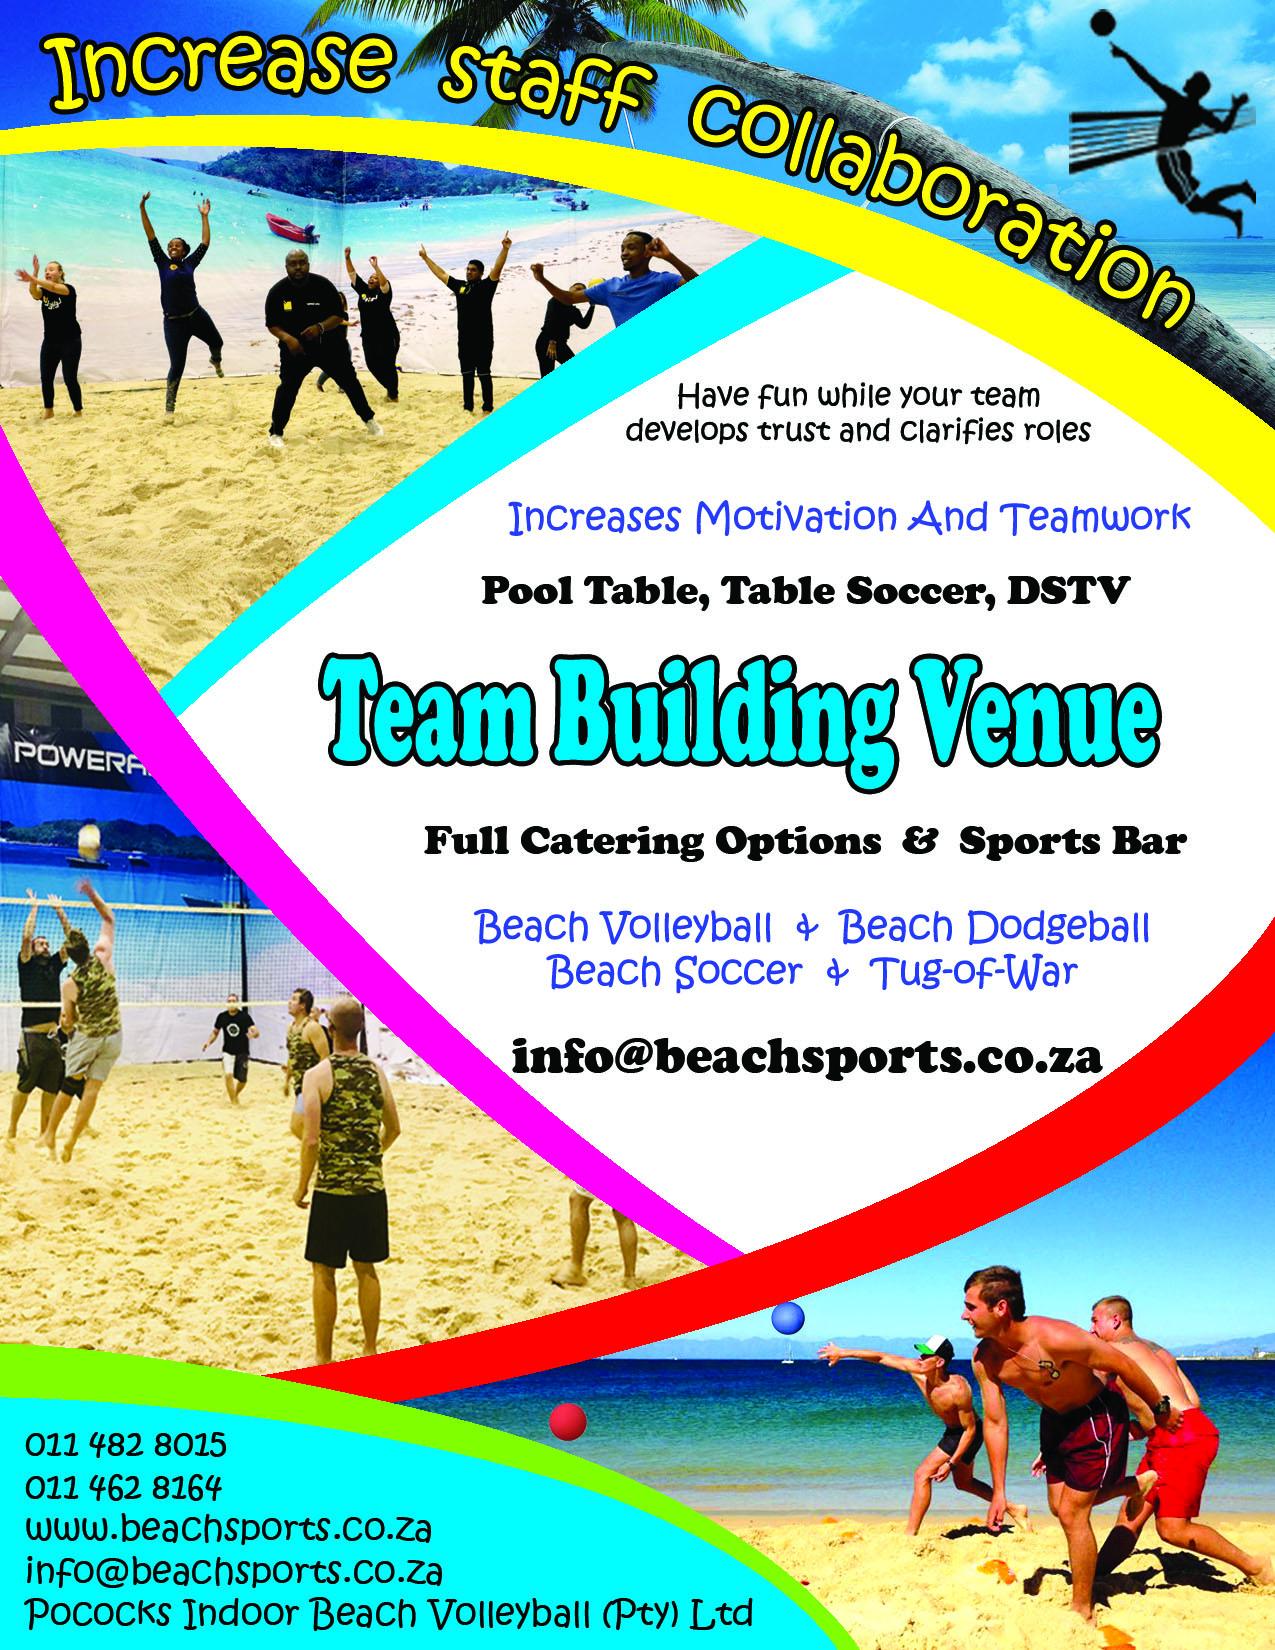 Team Building Events Venue Pococks Indoor Beach Volleyball